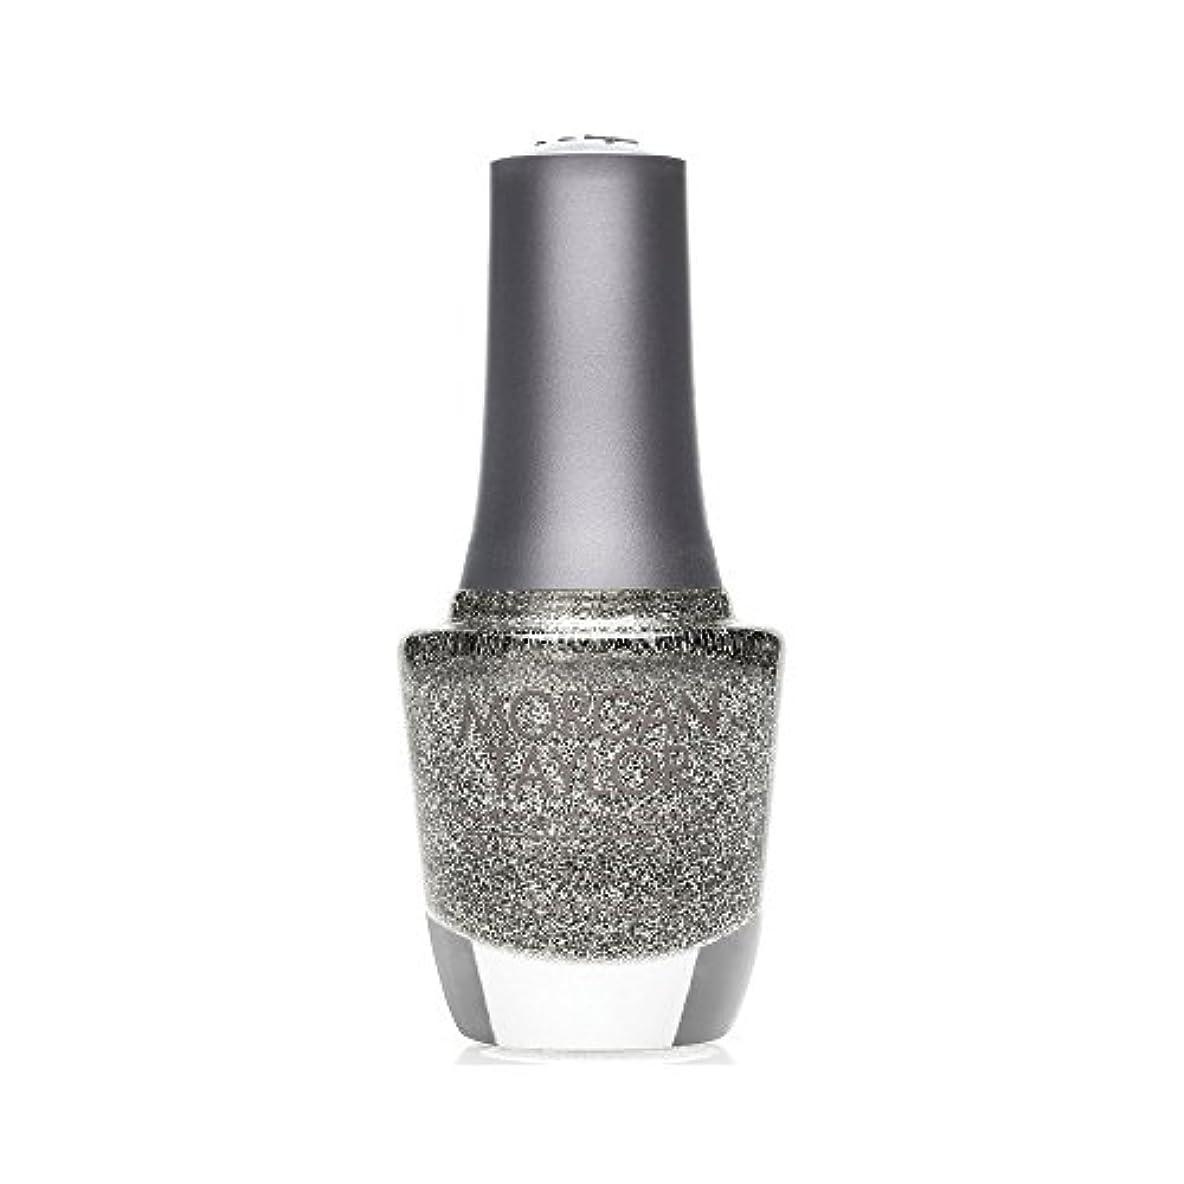 届ける形式ファームMorgan Taylor - Professional Nail Lacquer - Time to Shine - 15 mL / 0.5oz